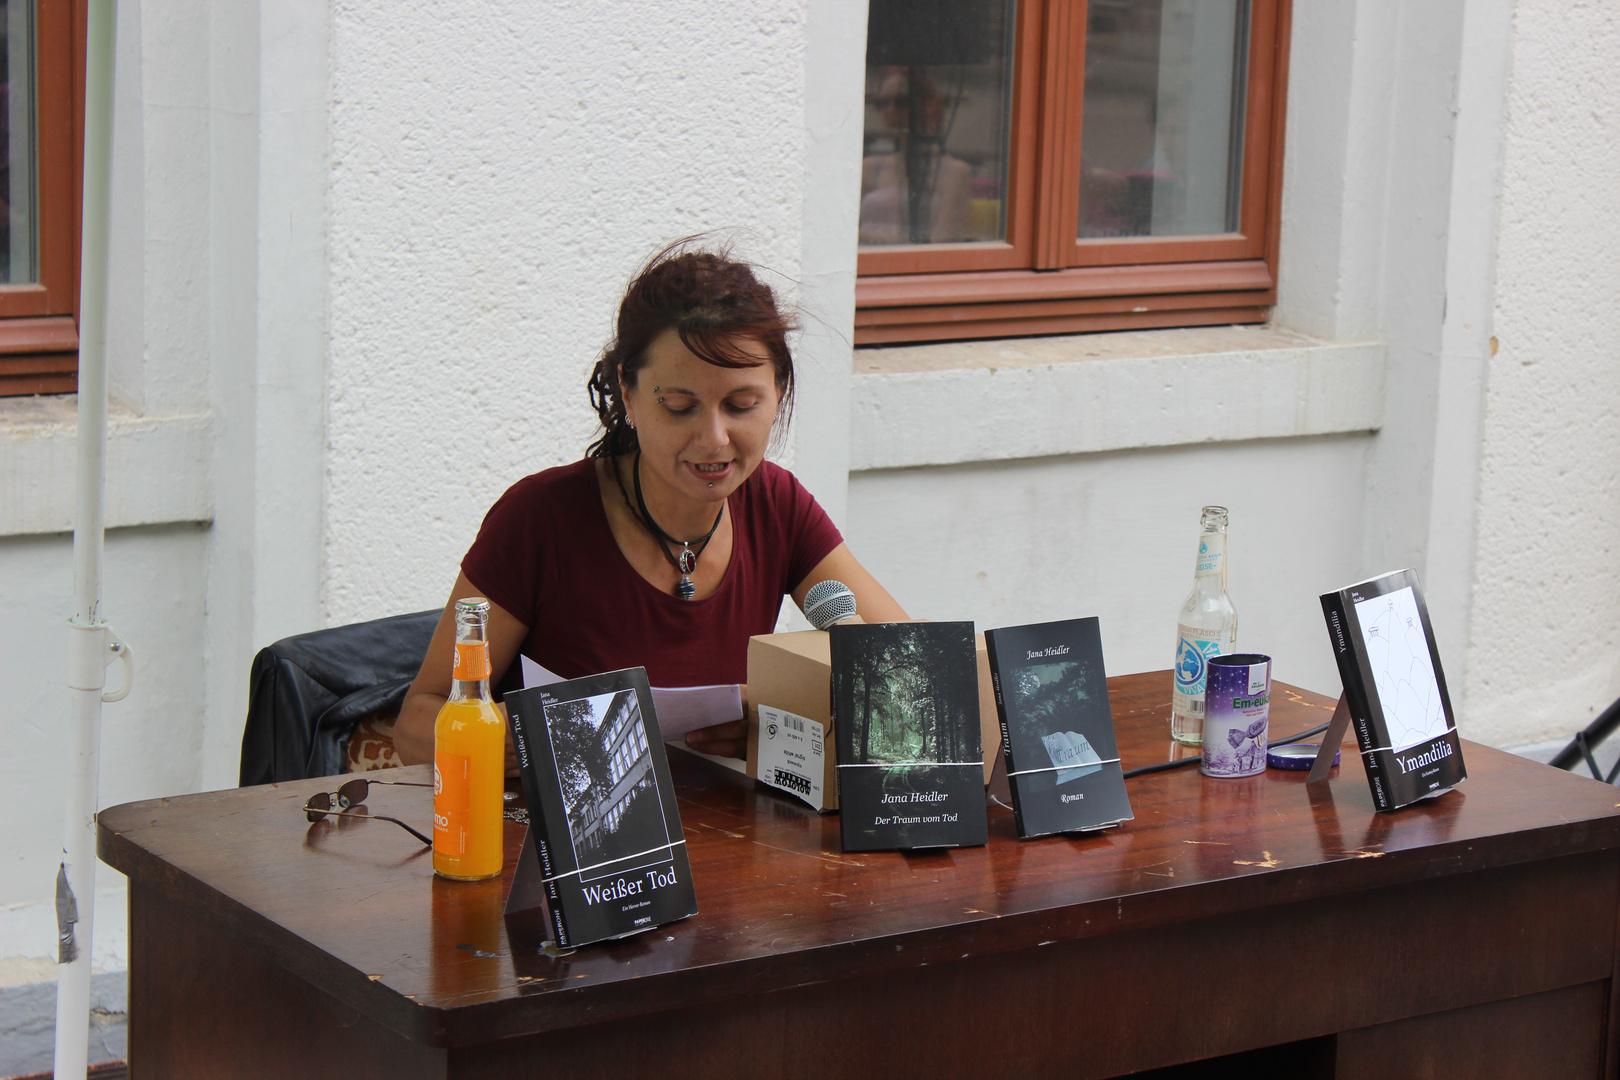 Jana Heidler liest bei den Chemnitzer Kulturtagen